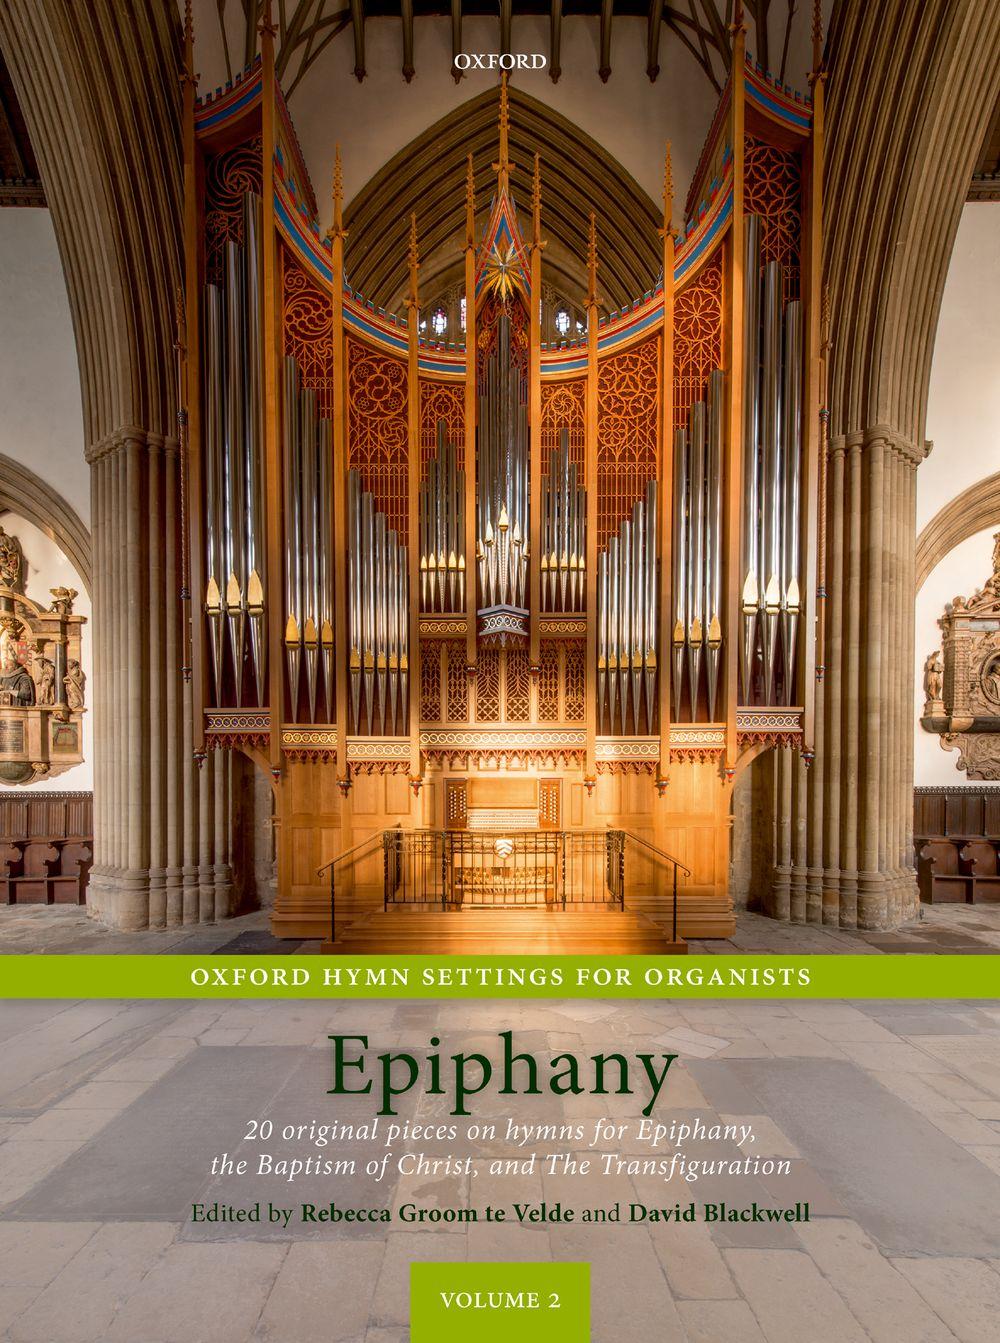 Rebecca Groom te Velde David Blackwell: Oxford Hymn Settings for Organists: